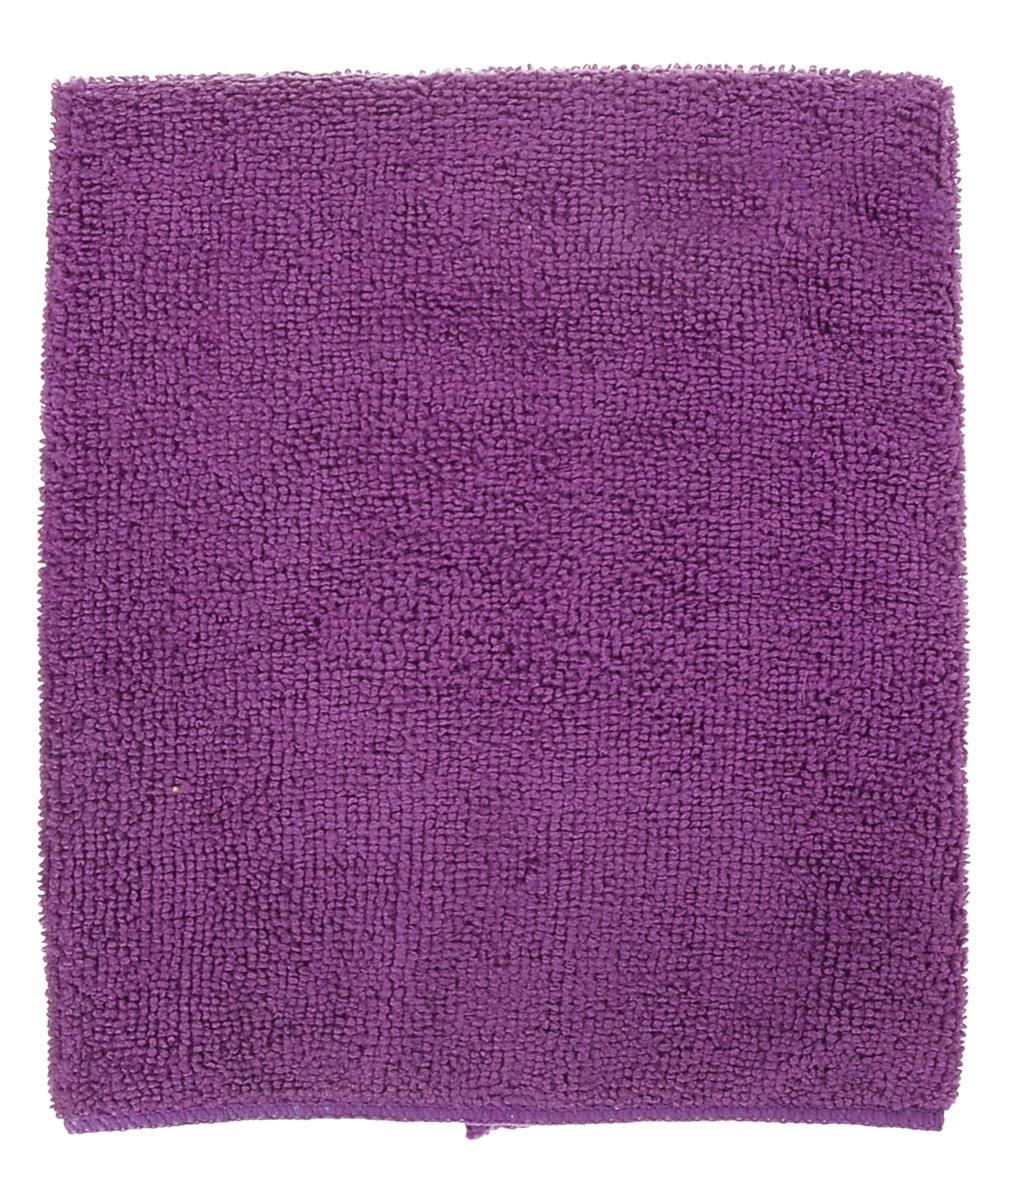 Салфетка универсальная York Prestige, впитывающая, цвет: фиолетовый, 38 х 38 см790009Салфетка York Prestige, изготовленная из микрофибры (полиамида и полиэстера), предназначена для сухой и влажной уборки. Подходит для ухода за любыми поверхностями. Не оставляет разводов и ворсинок. Обладает отличными впитывающими свойствами.